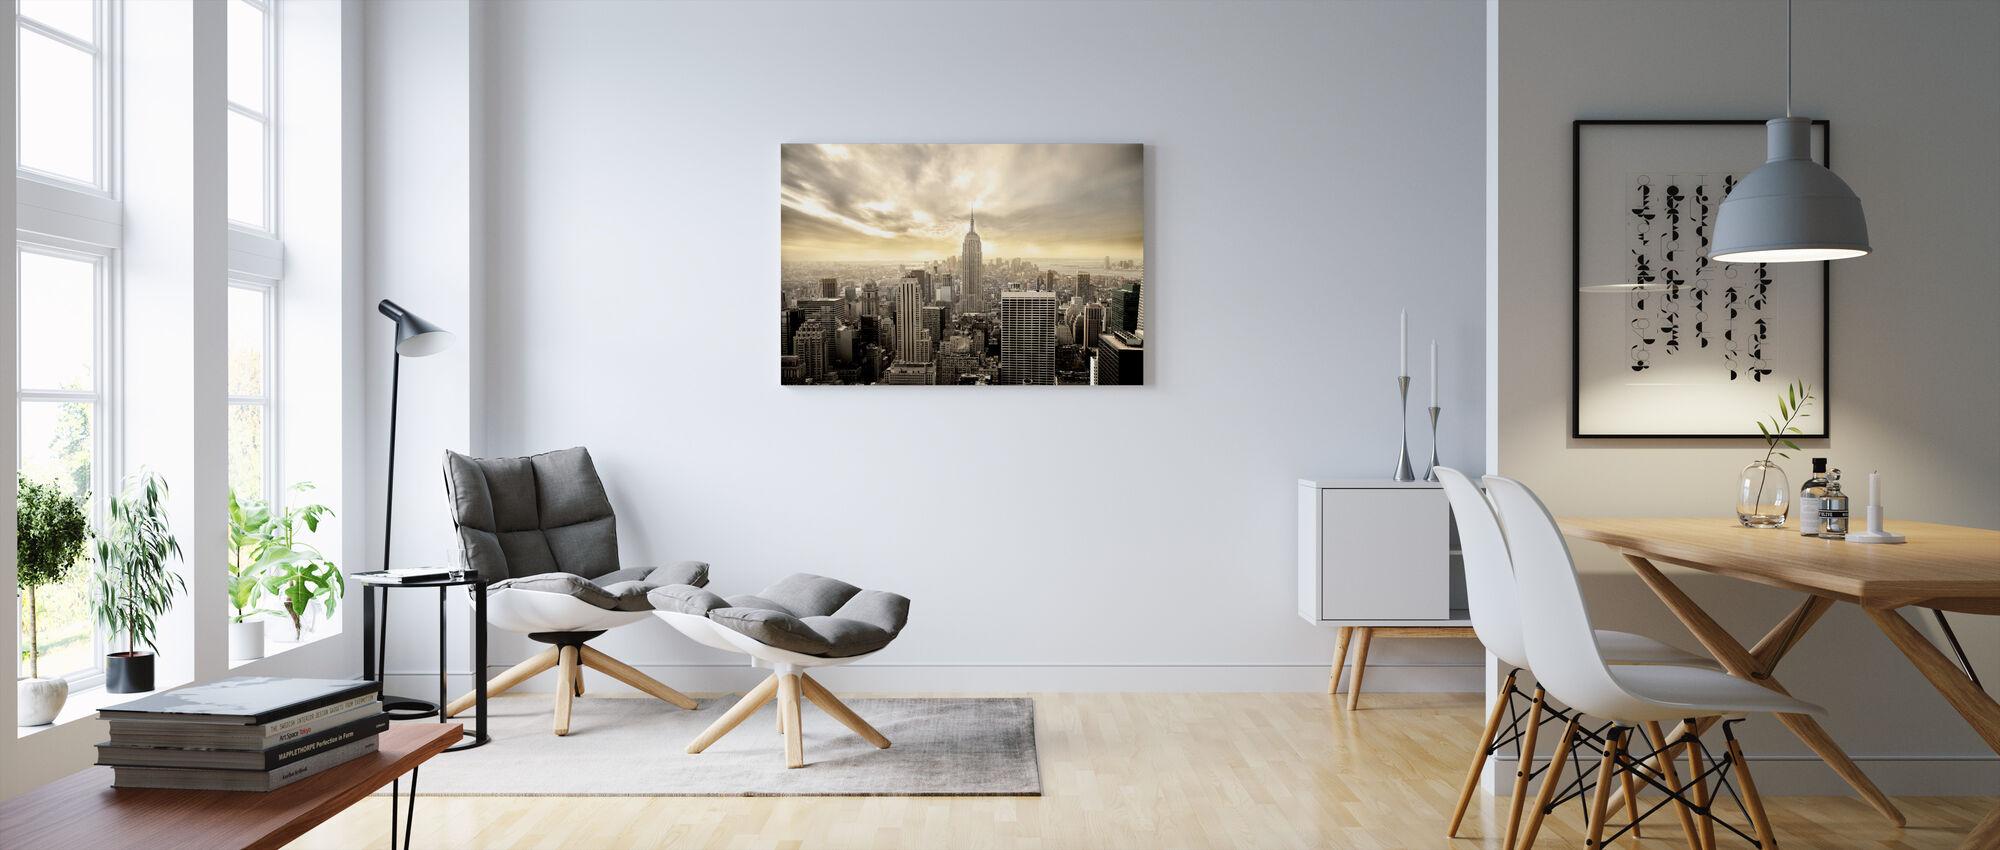 Pennsylvania New York - Canvastaulu - Olohuone